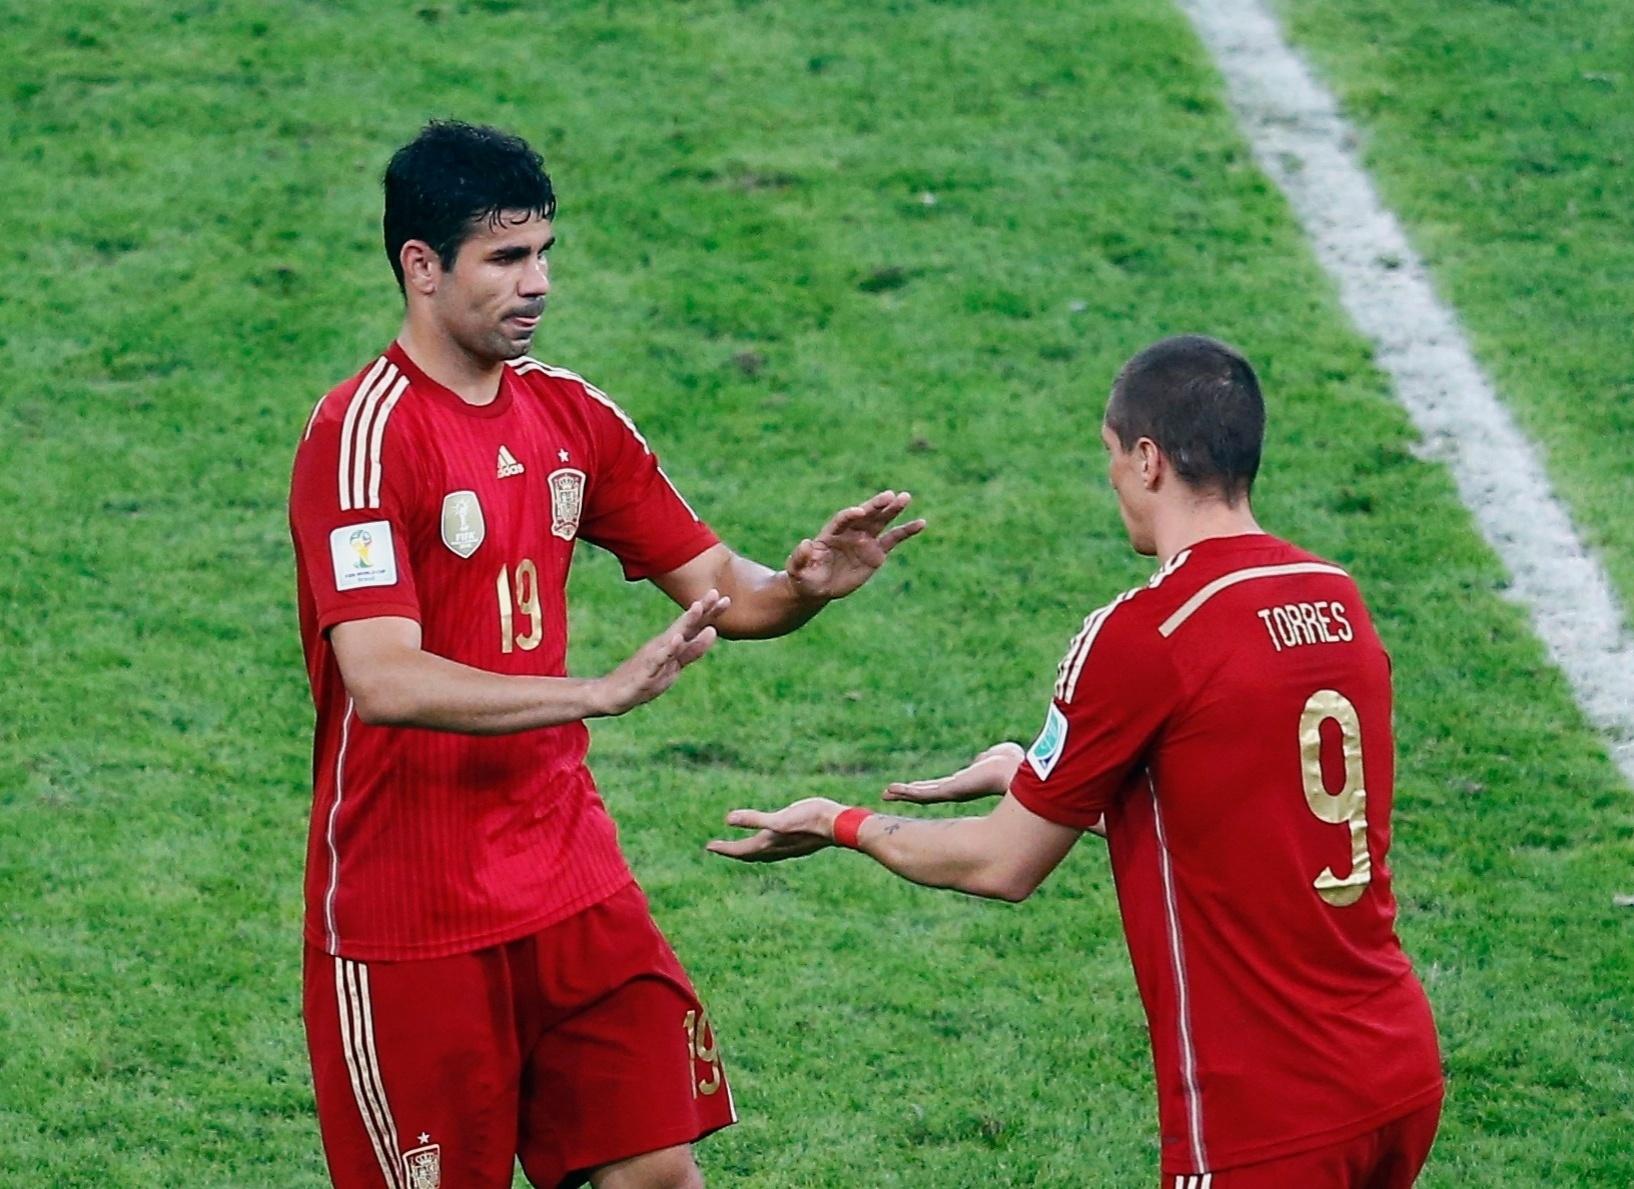 Bastante vaiado na hora da substituição, Diego Costa dá lugar ao espanhol Fernando Torres no Maracanã